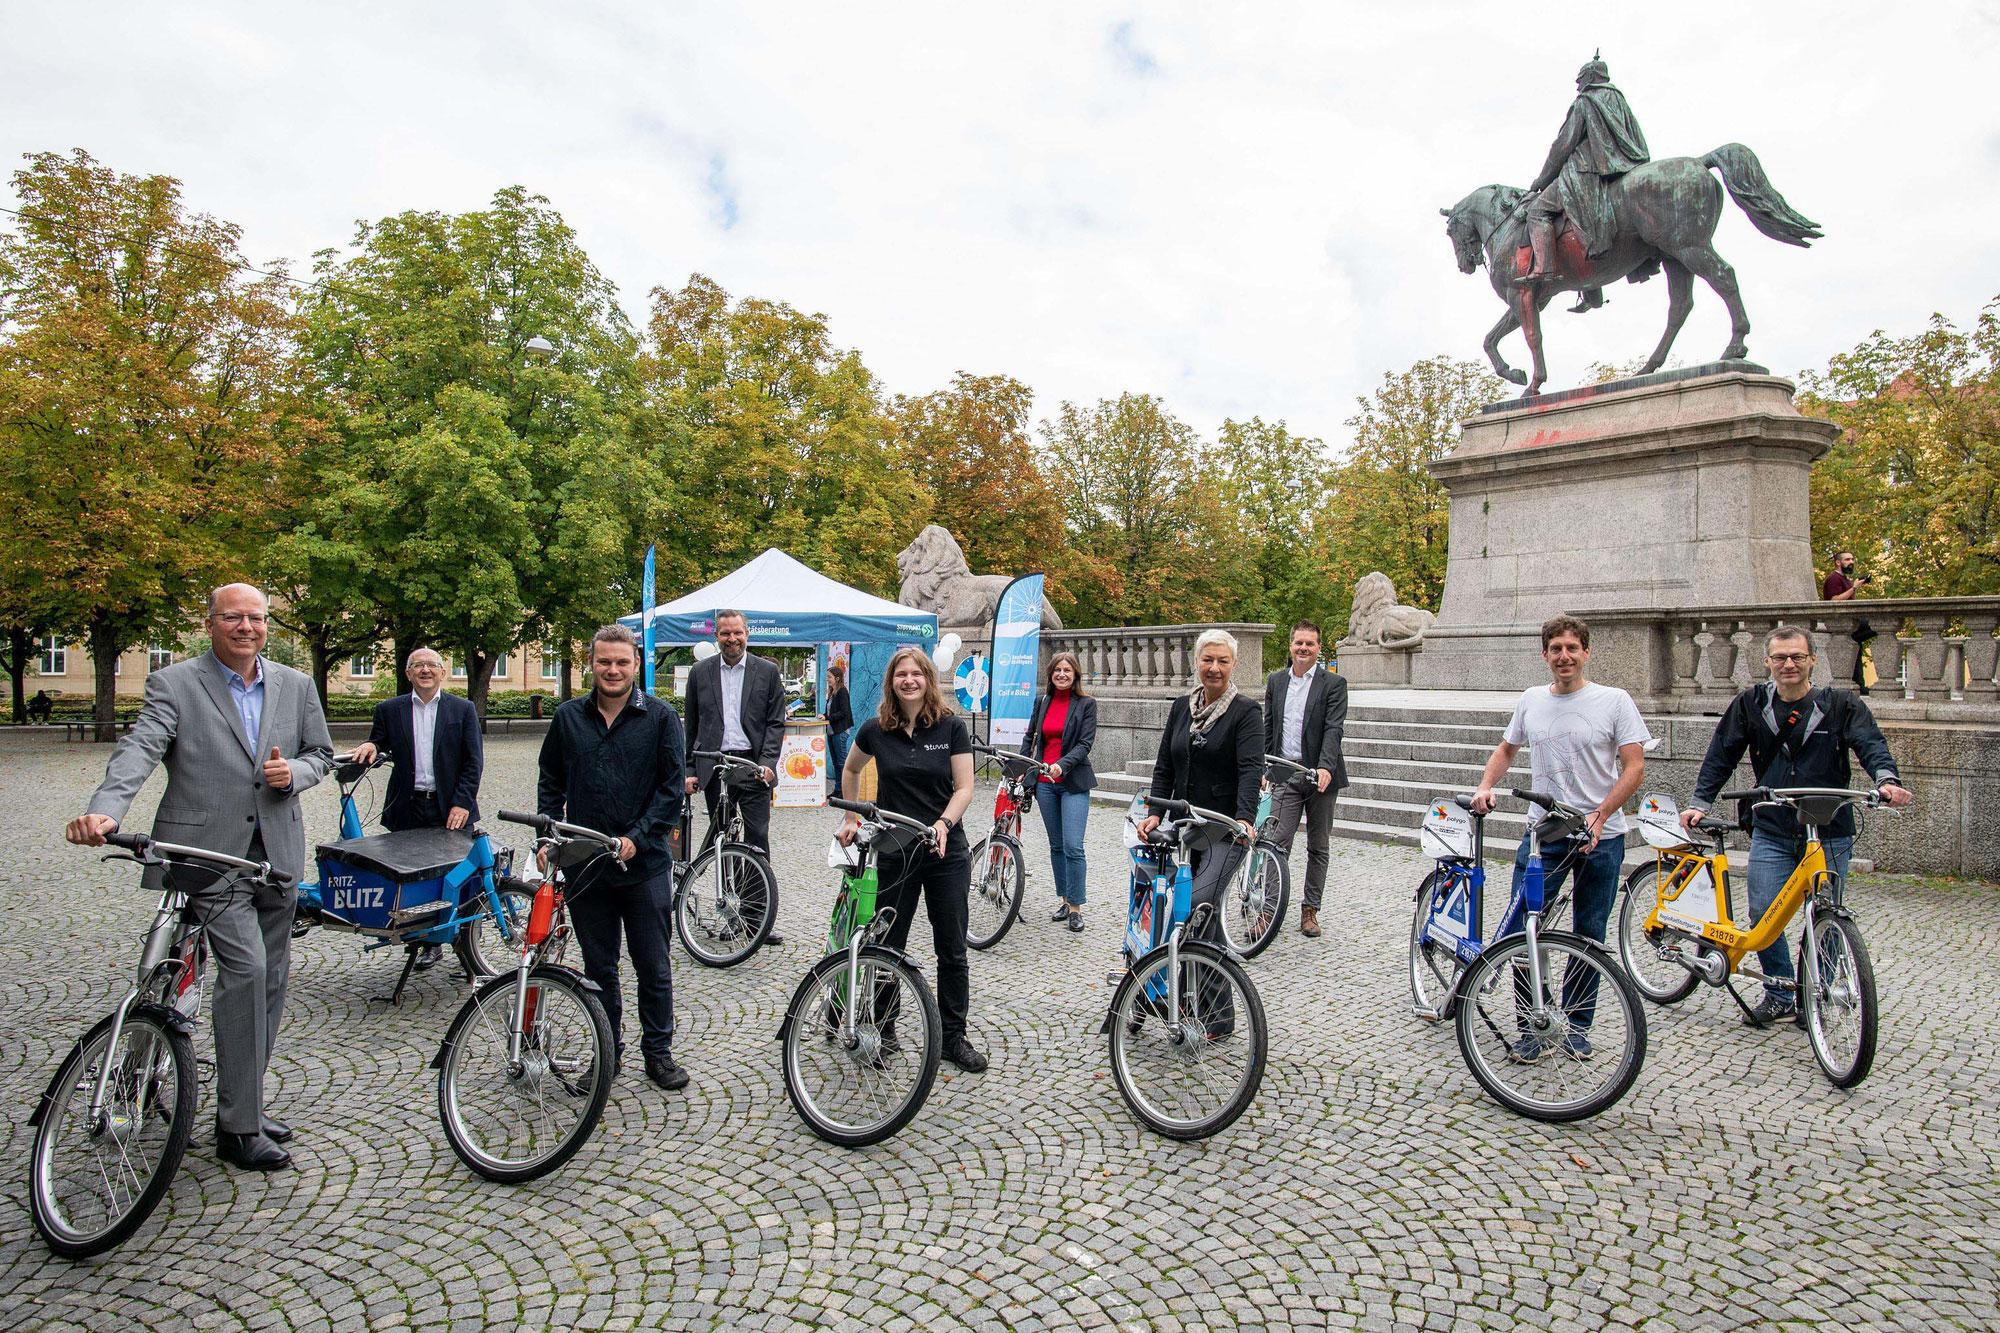 Kommunenradübergabe 2.0: Bunte RegioRäder als Botschafter der Verkehrswende überreicht